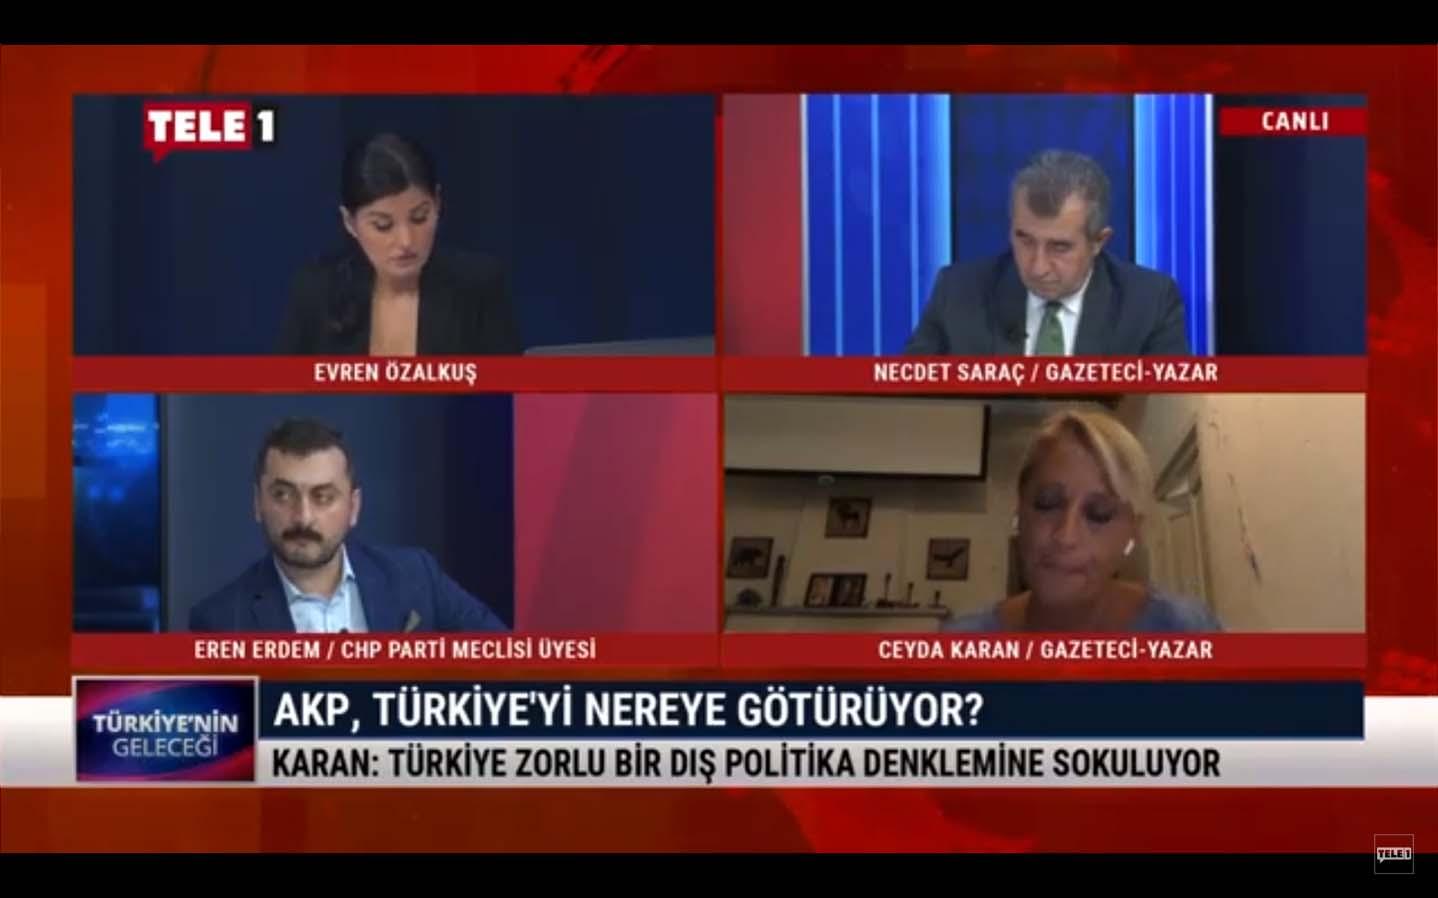 Sudan Laikliğe geri döndü, peki Türkiye?